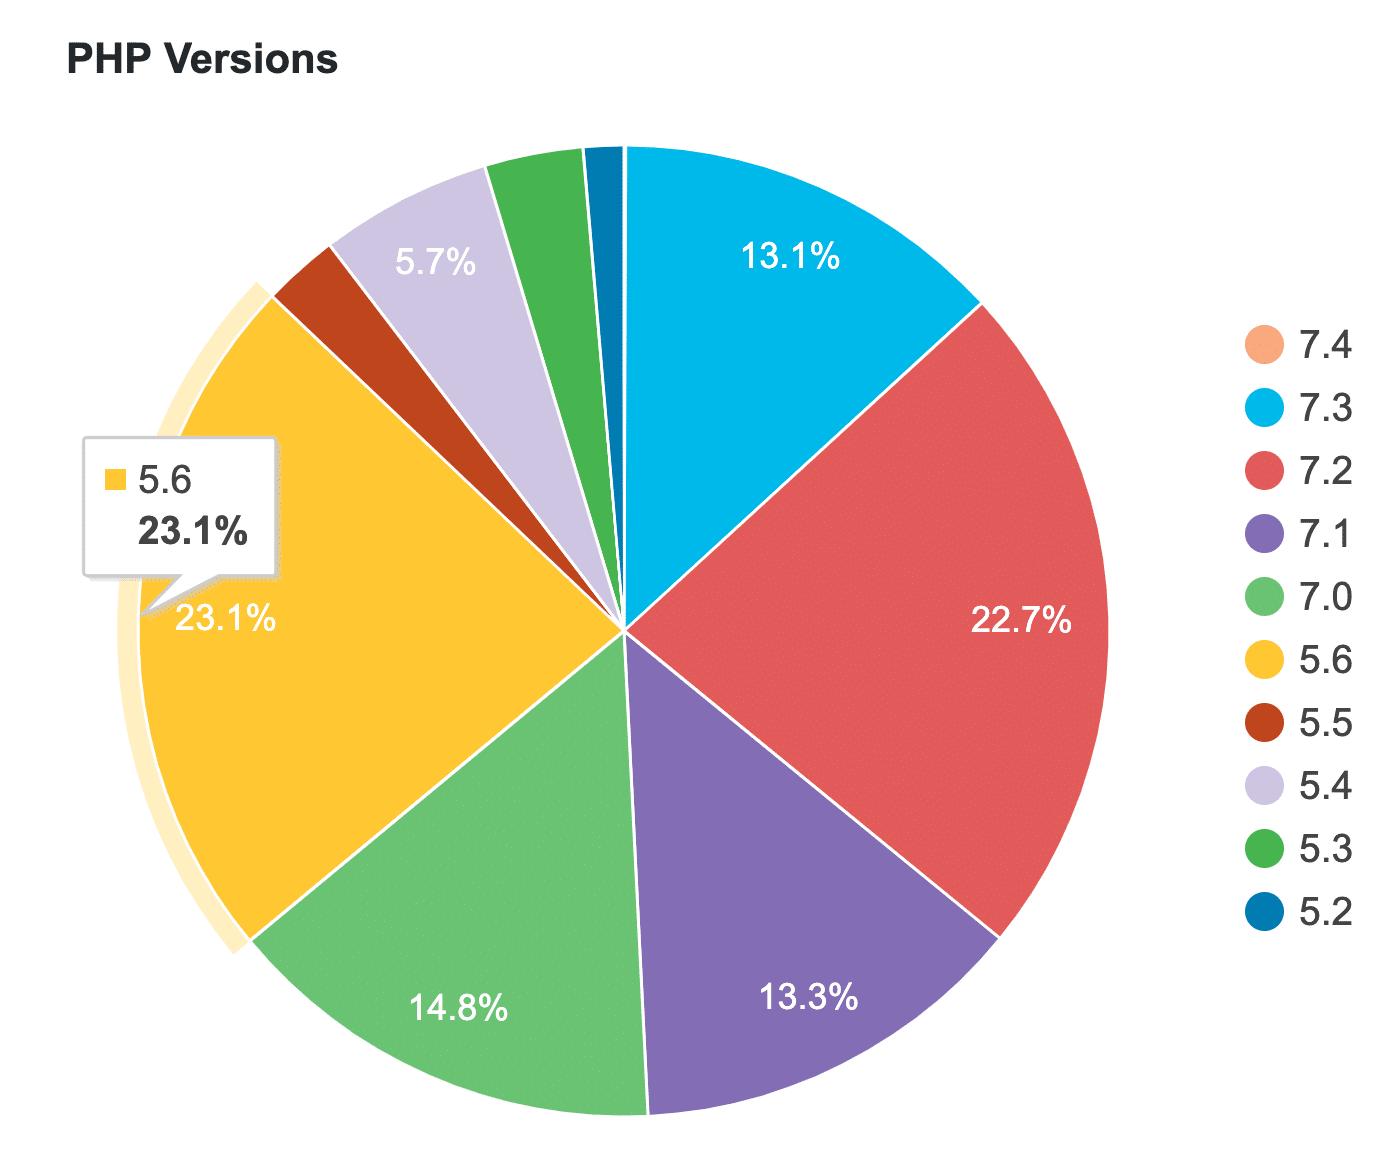 WordPress statistieken over PHP-versies